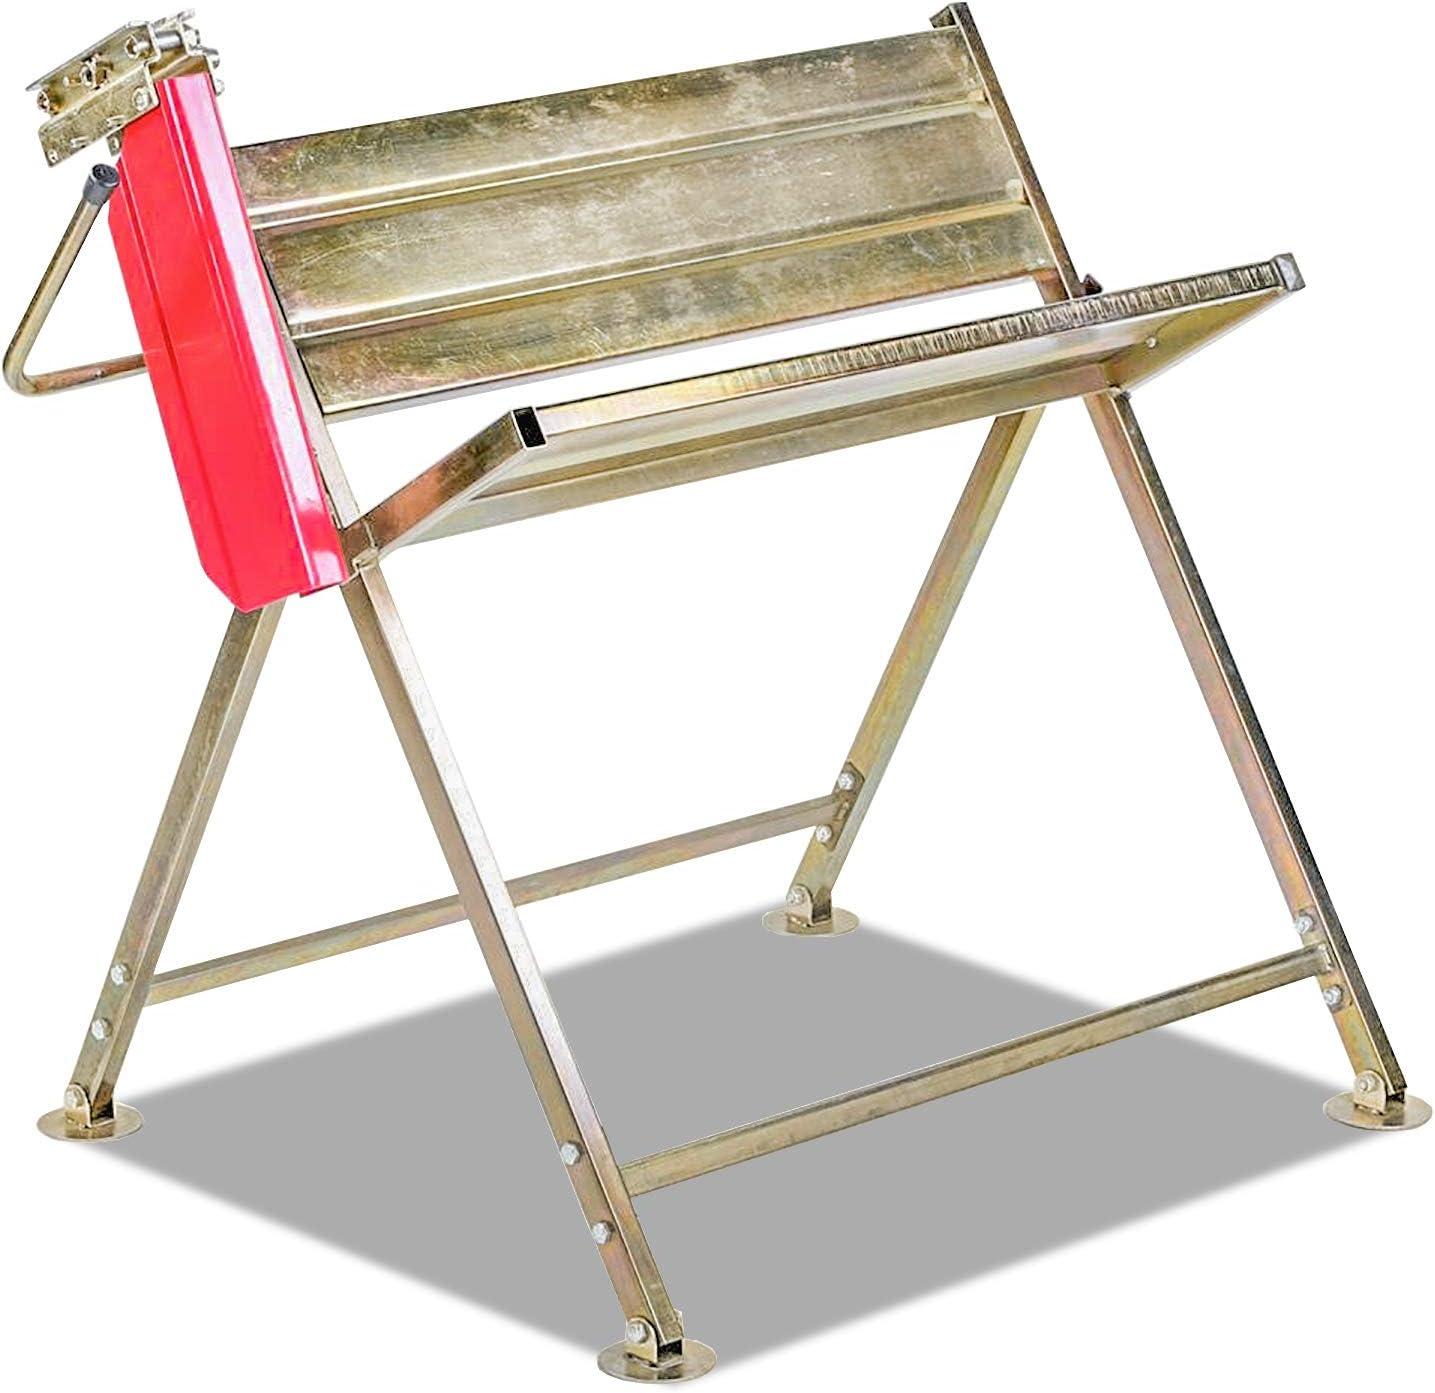 Ureprism Soporte para motosierra de acero inoxidable, ajustable, ideal para cortar madera, peso máximo, 150 kg